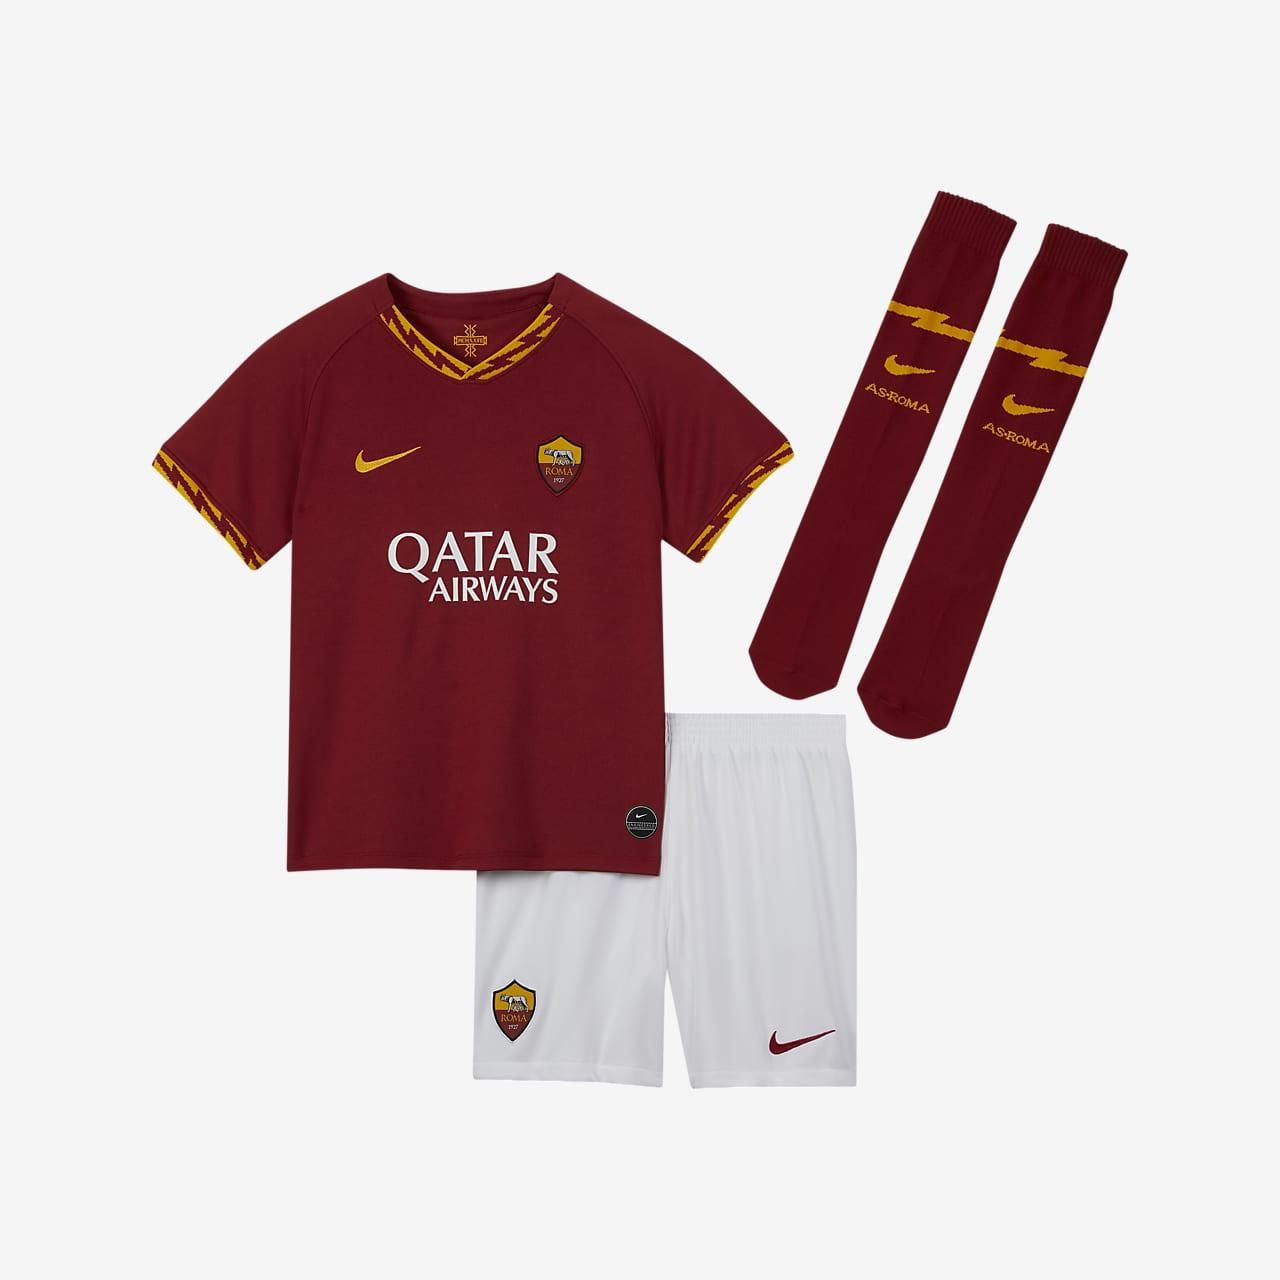 Fotbalová domácí souprava A.S. Roma 2019/20 pro malé děti